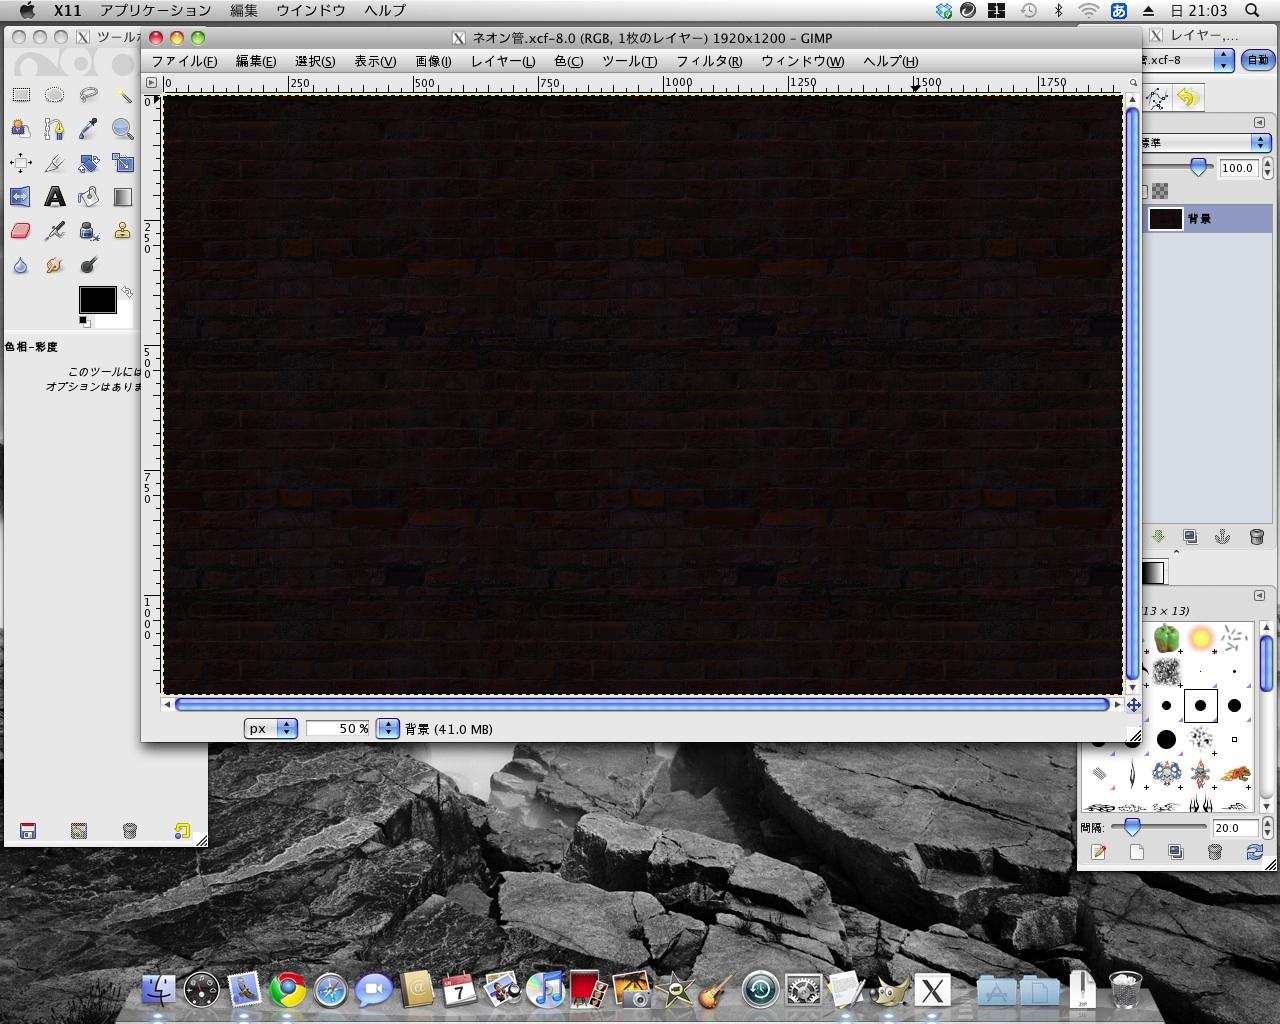 20100307_AKC-neon-logo_01.jpg